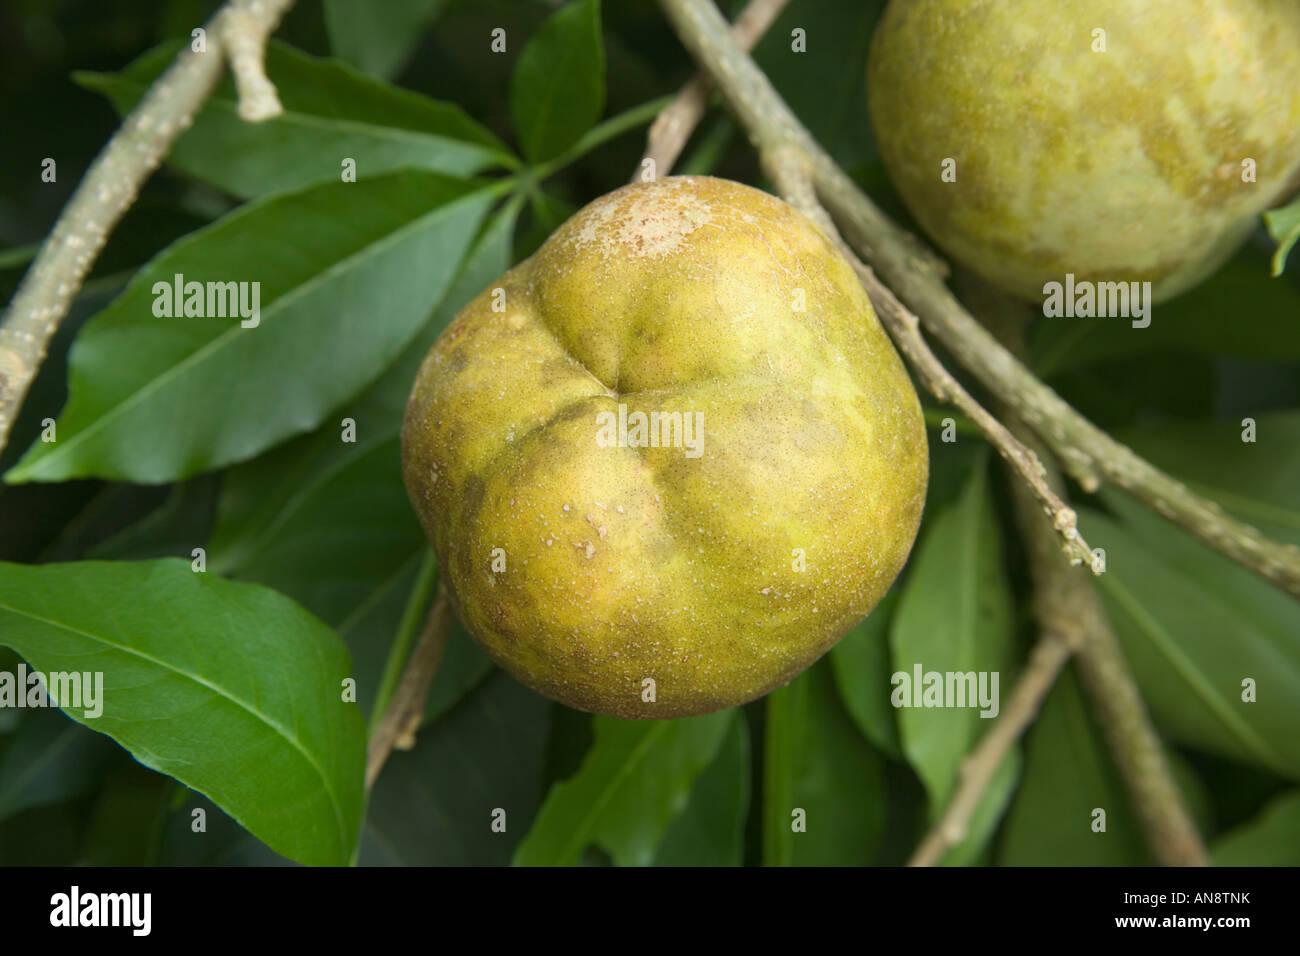 Weiße Sapote Obstbau auf Ast. Stockbild